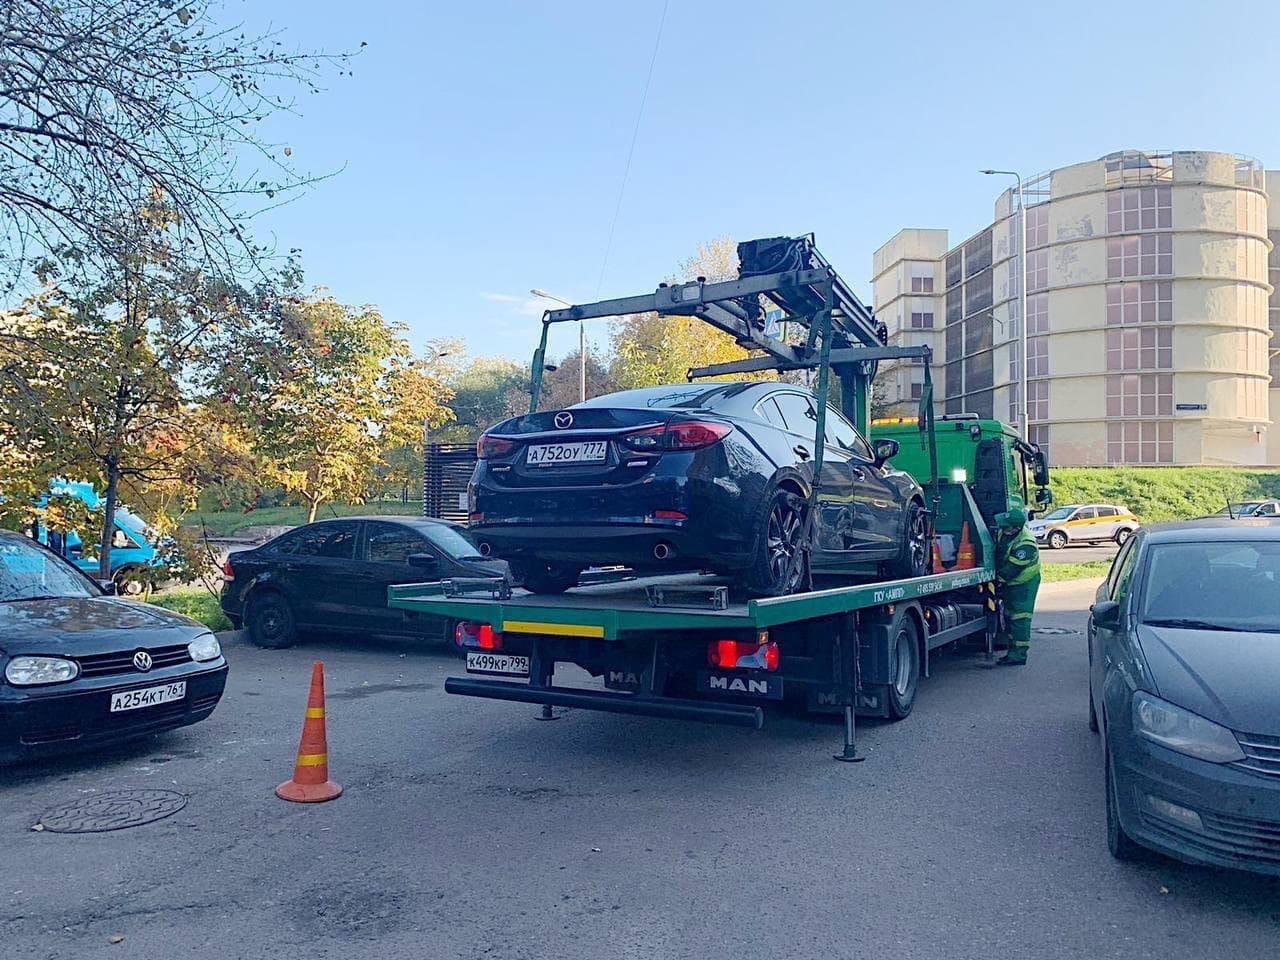 Владелец этого авто принципиально не платил за парковку своей машины и копил штрафы.